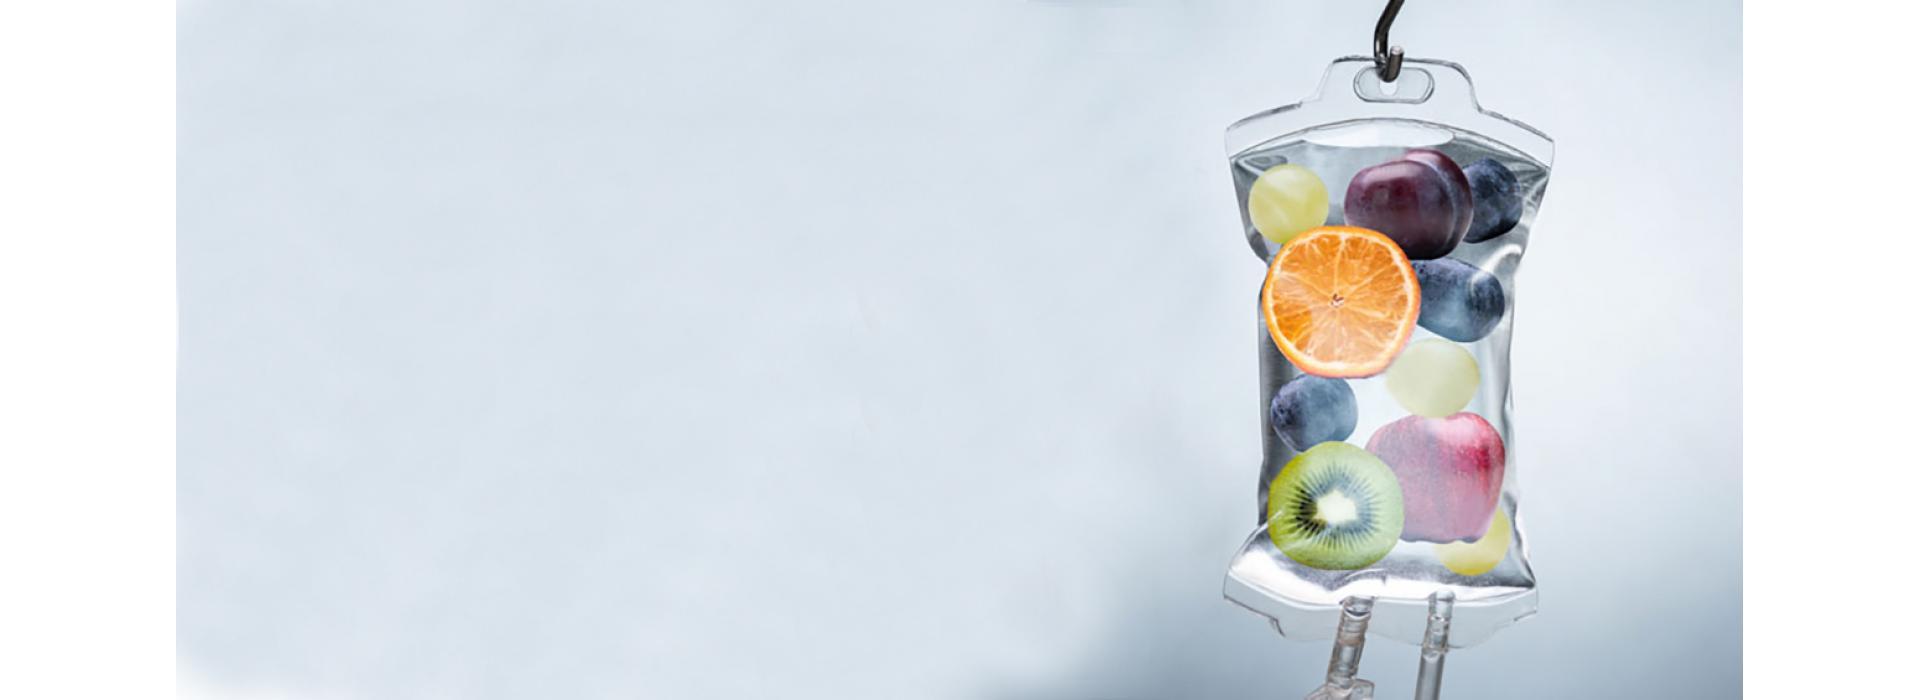 IV-ТЕРАПИЯ - витаминные капельницы для здоровья и молодости